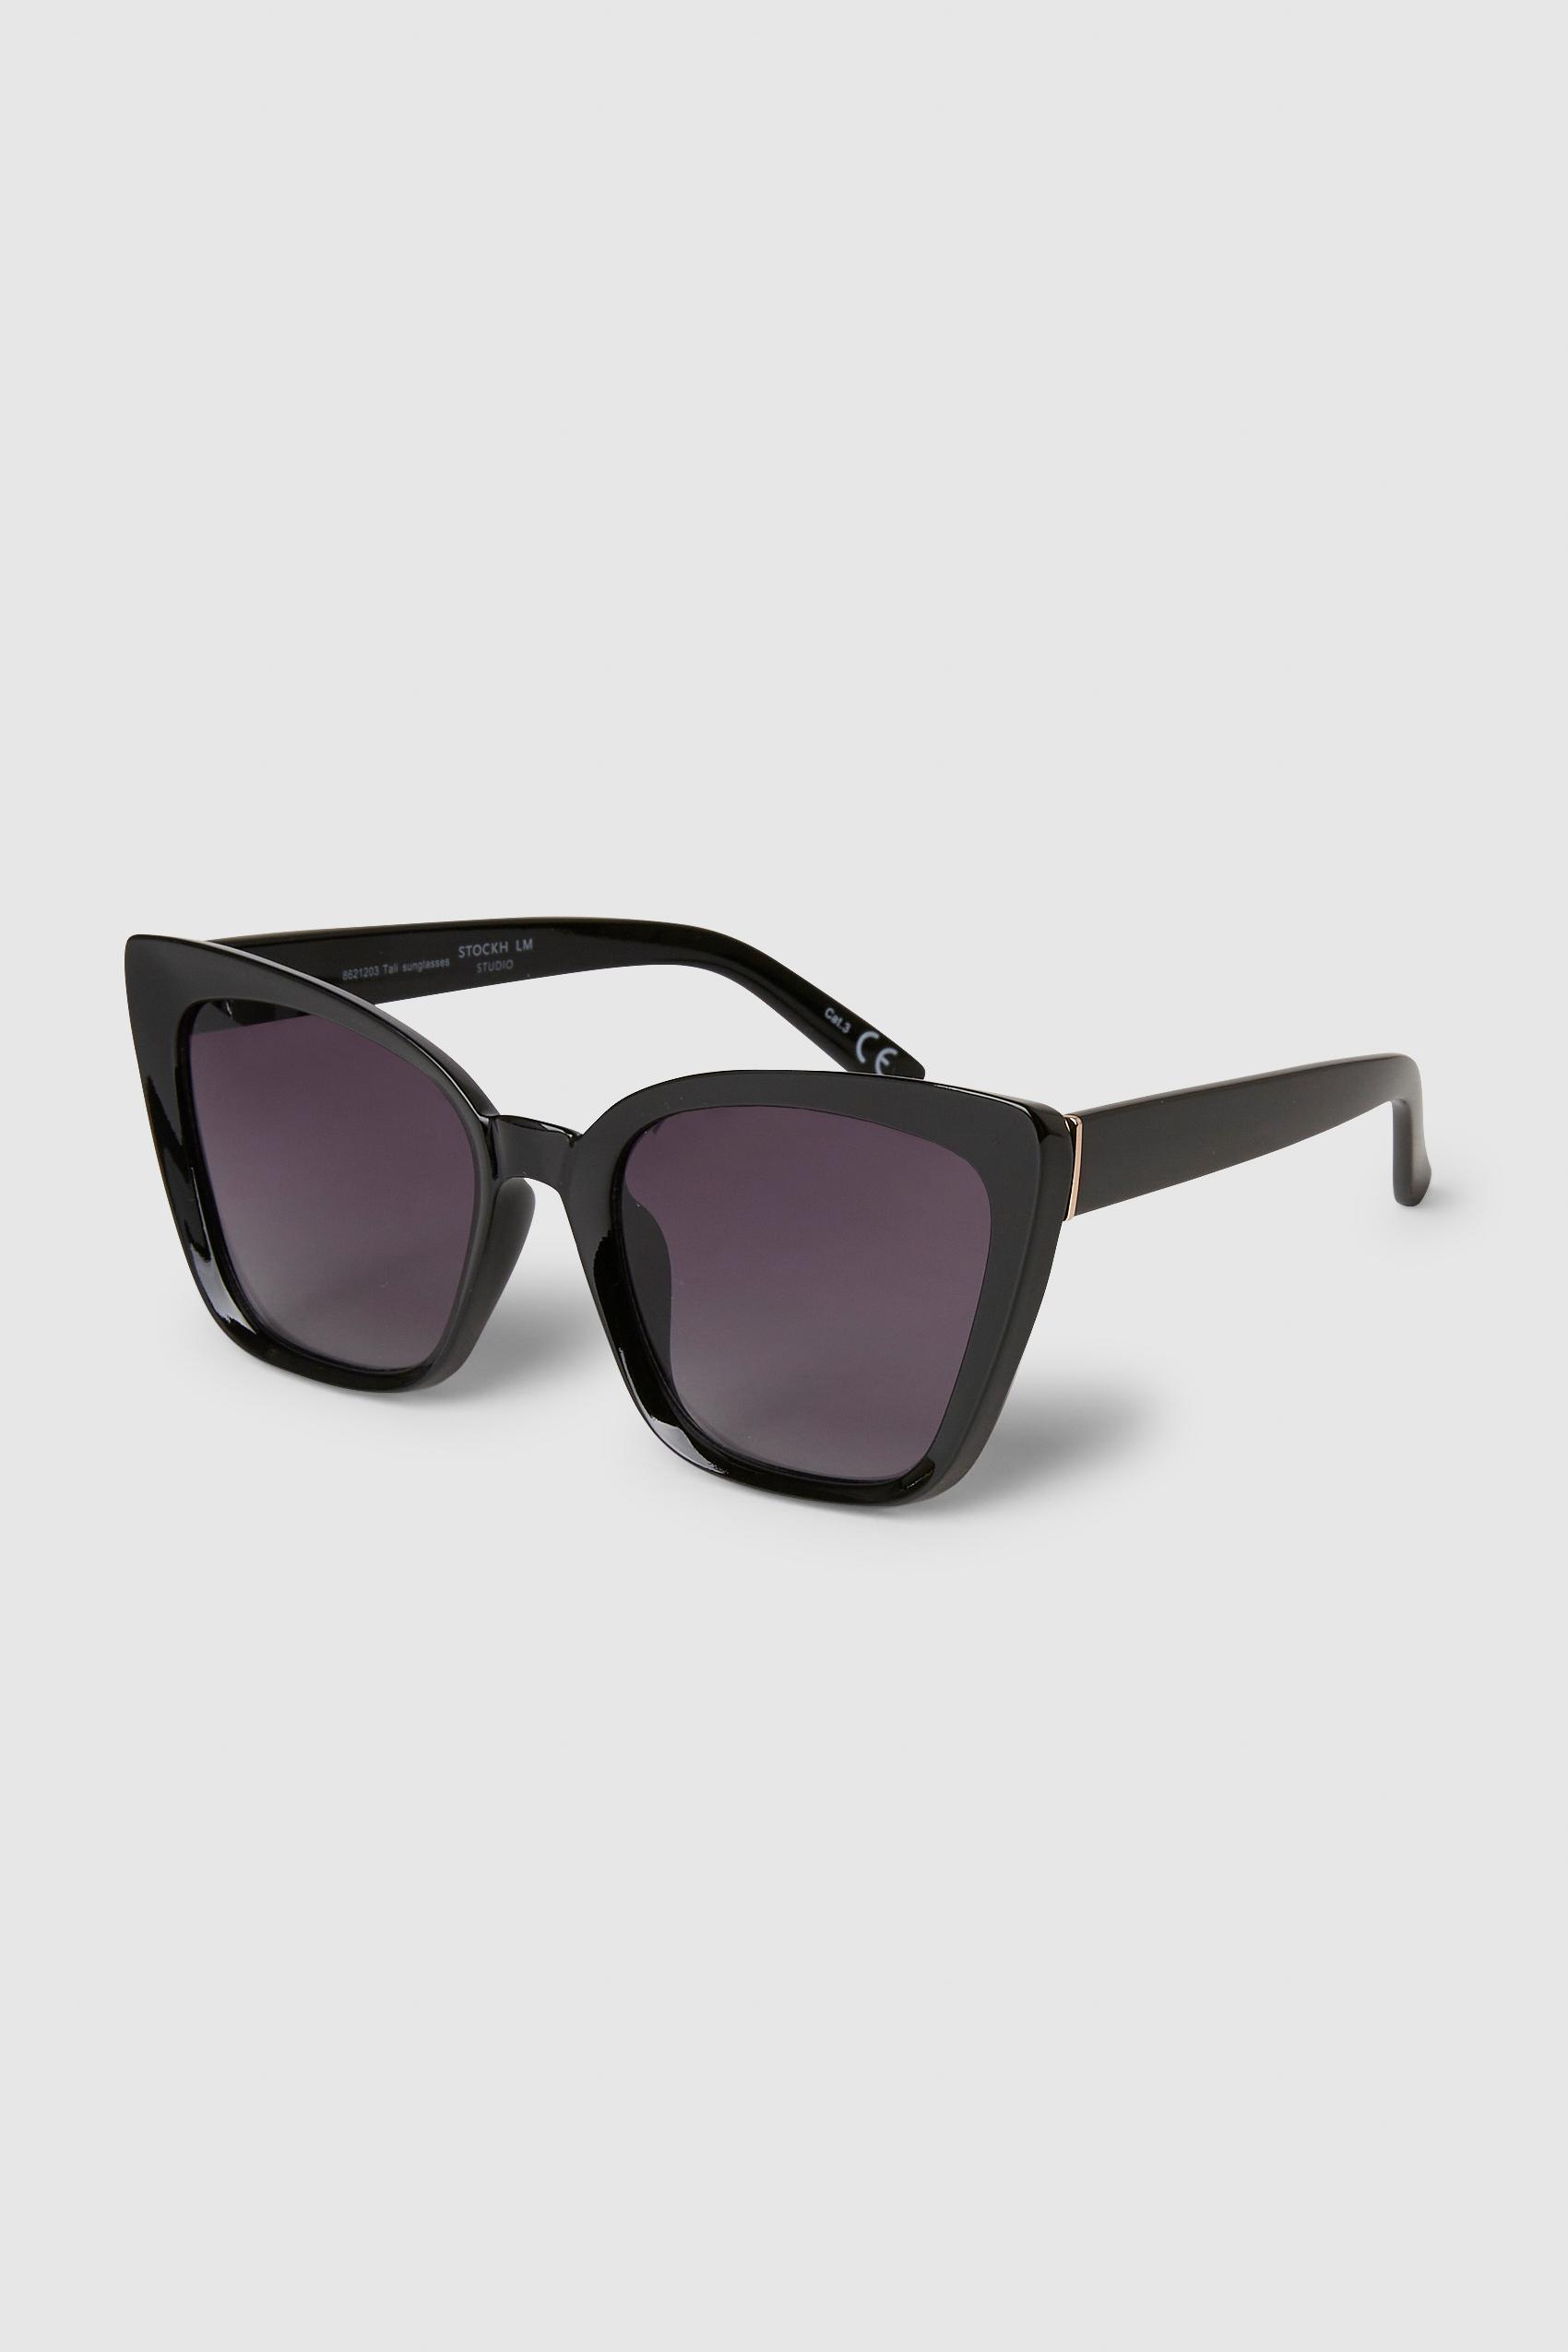 Tali sunglasses